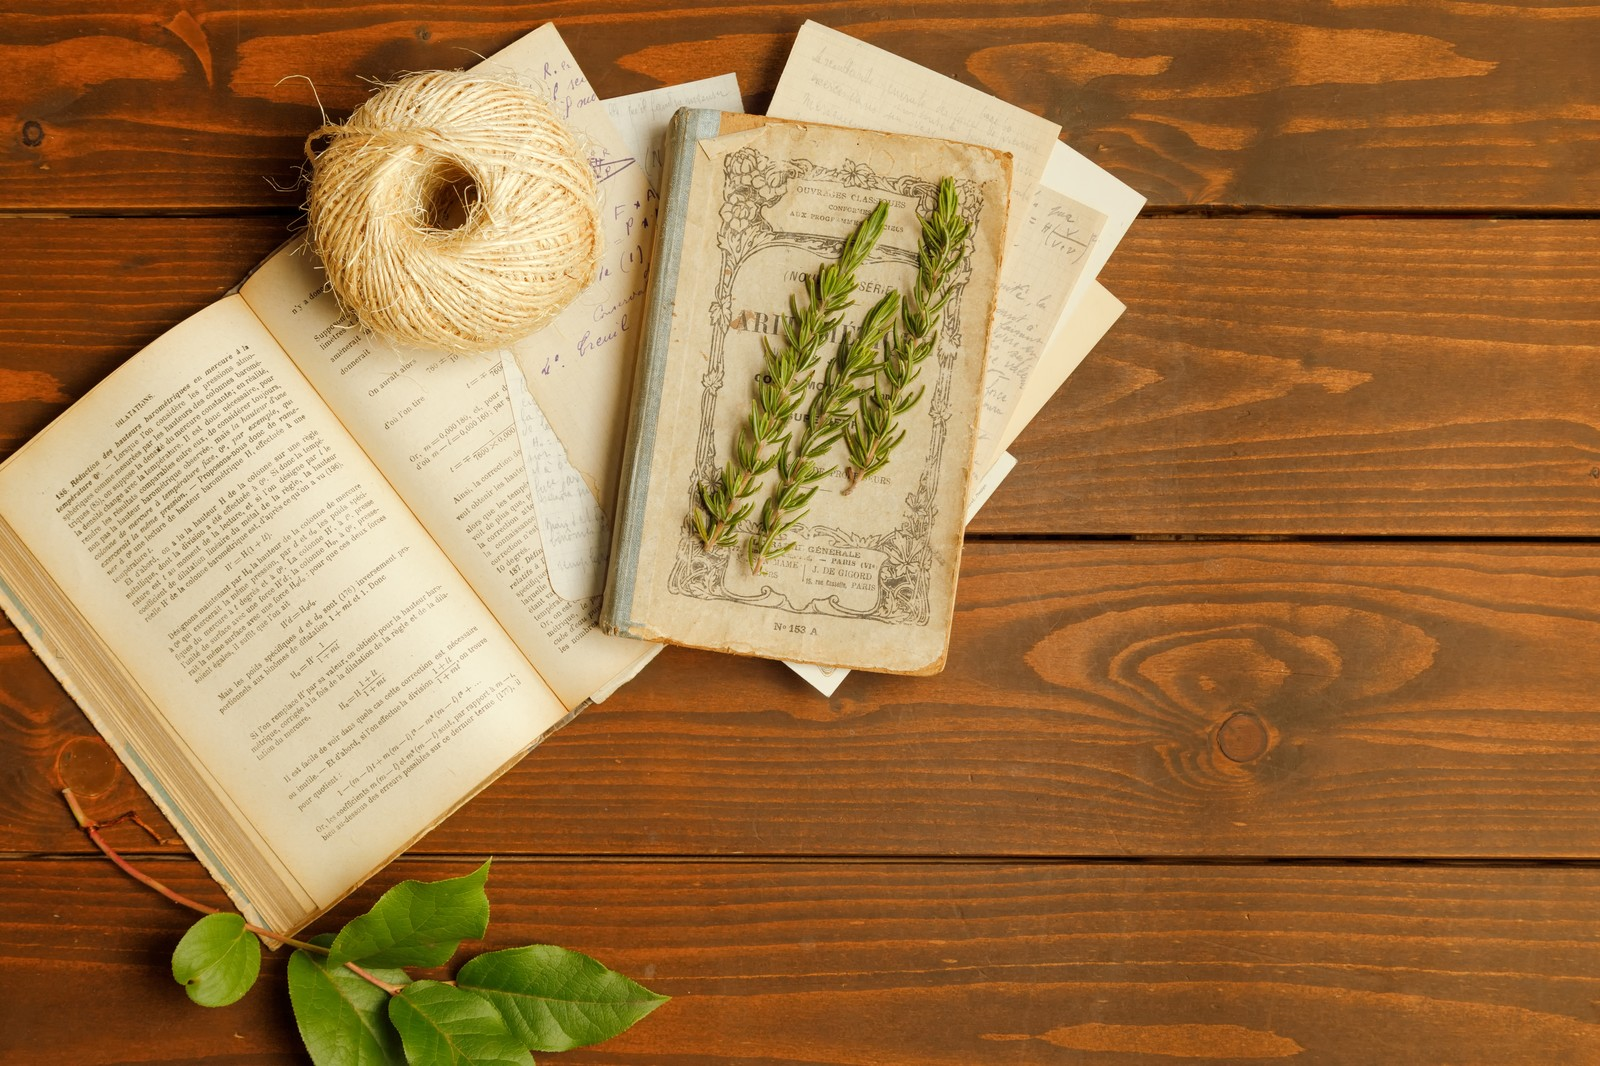 「開かれた古書の上に置かれた紐と薬草」の写真